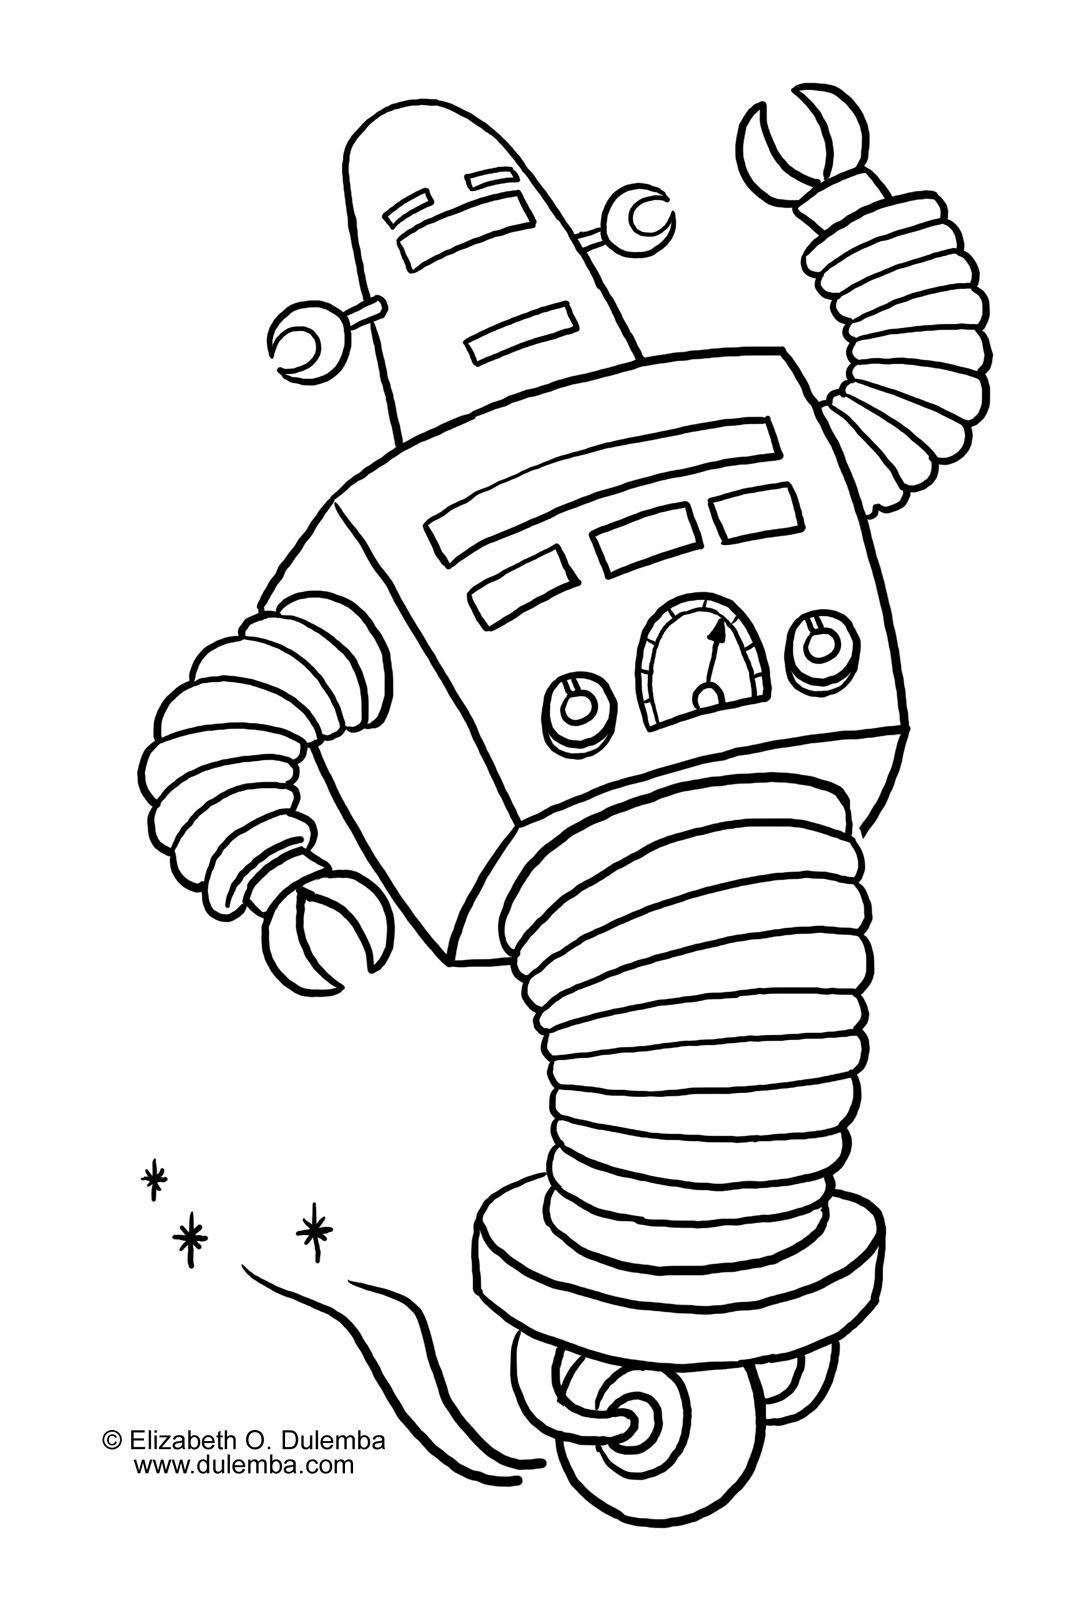 Coloriage Robot  roulette et dessin  colorier Robot  roulette avec coloriage dessin